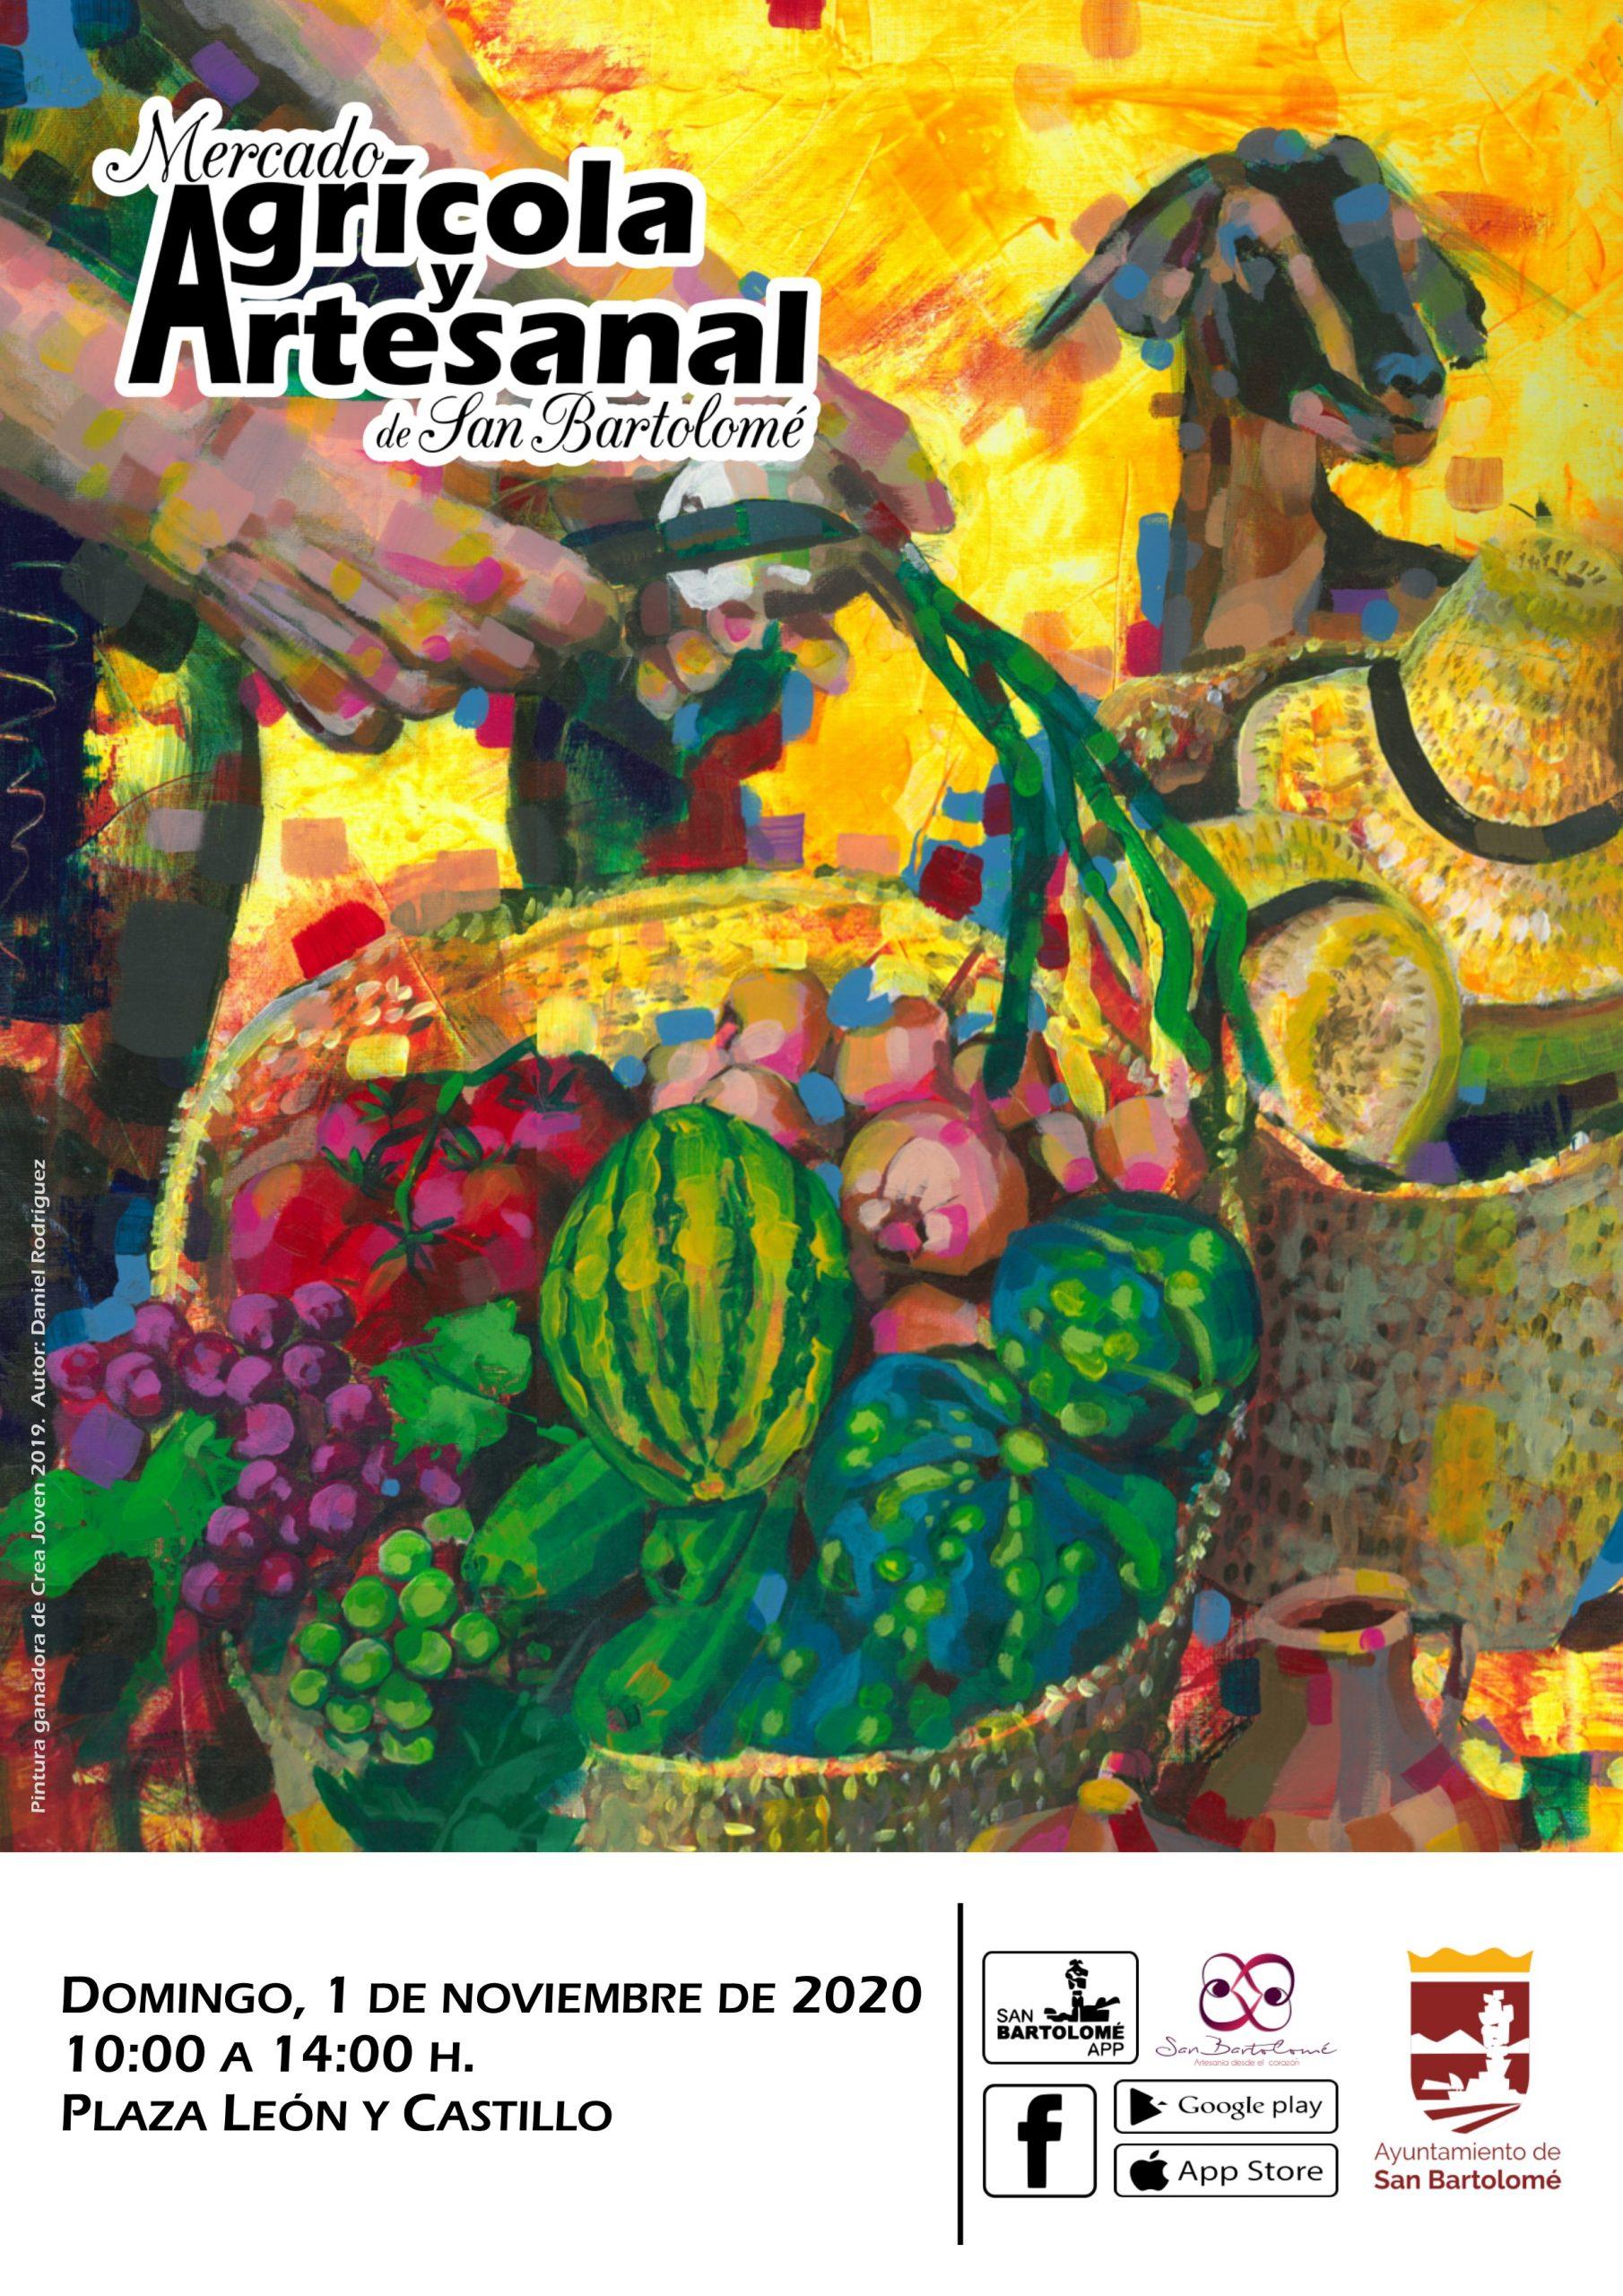 El Mercado Agrícola y Artesanal de San Bartolomé celebrará una nueva jornada el domingo 1 de noviembre